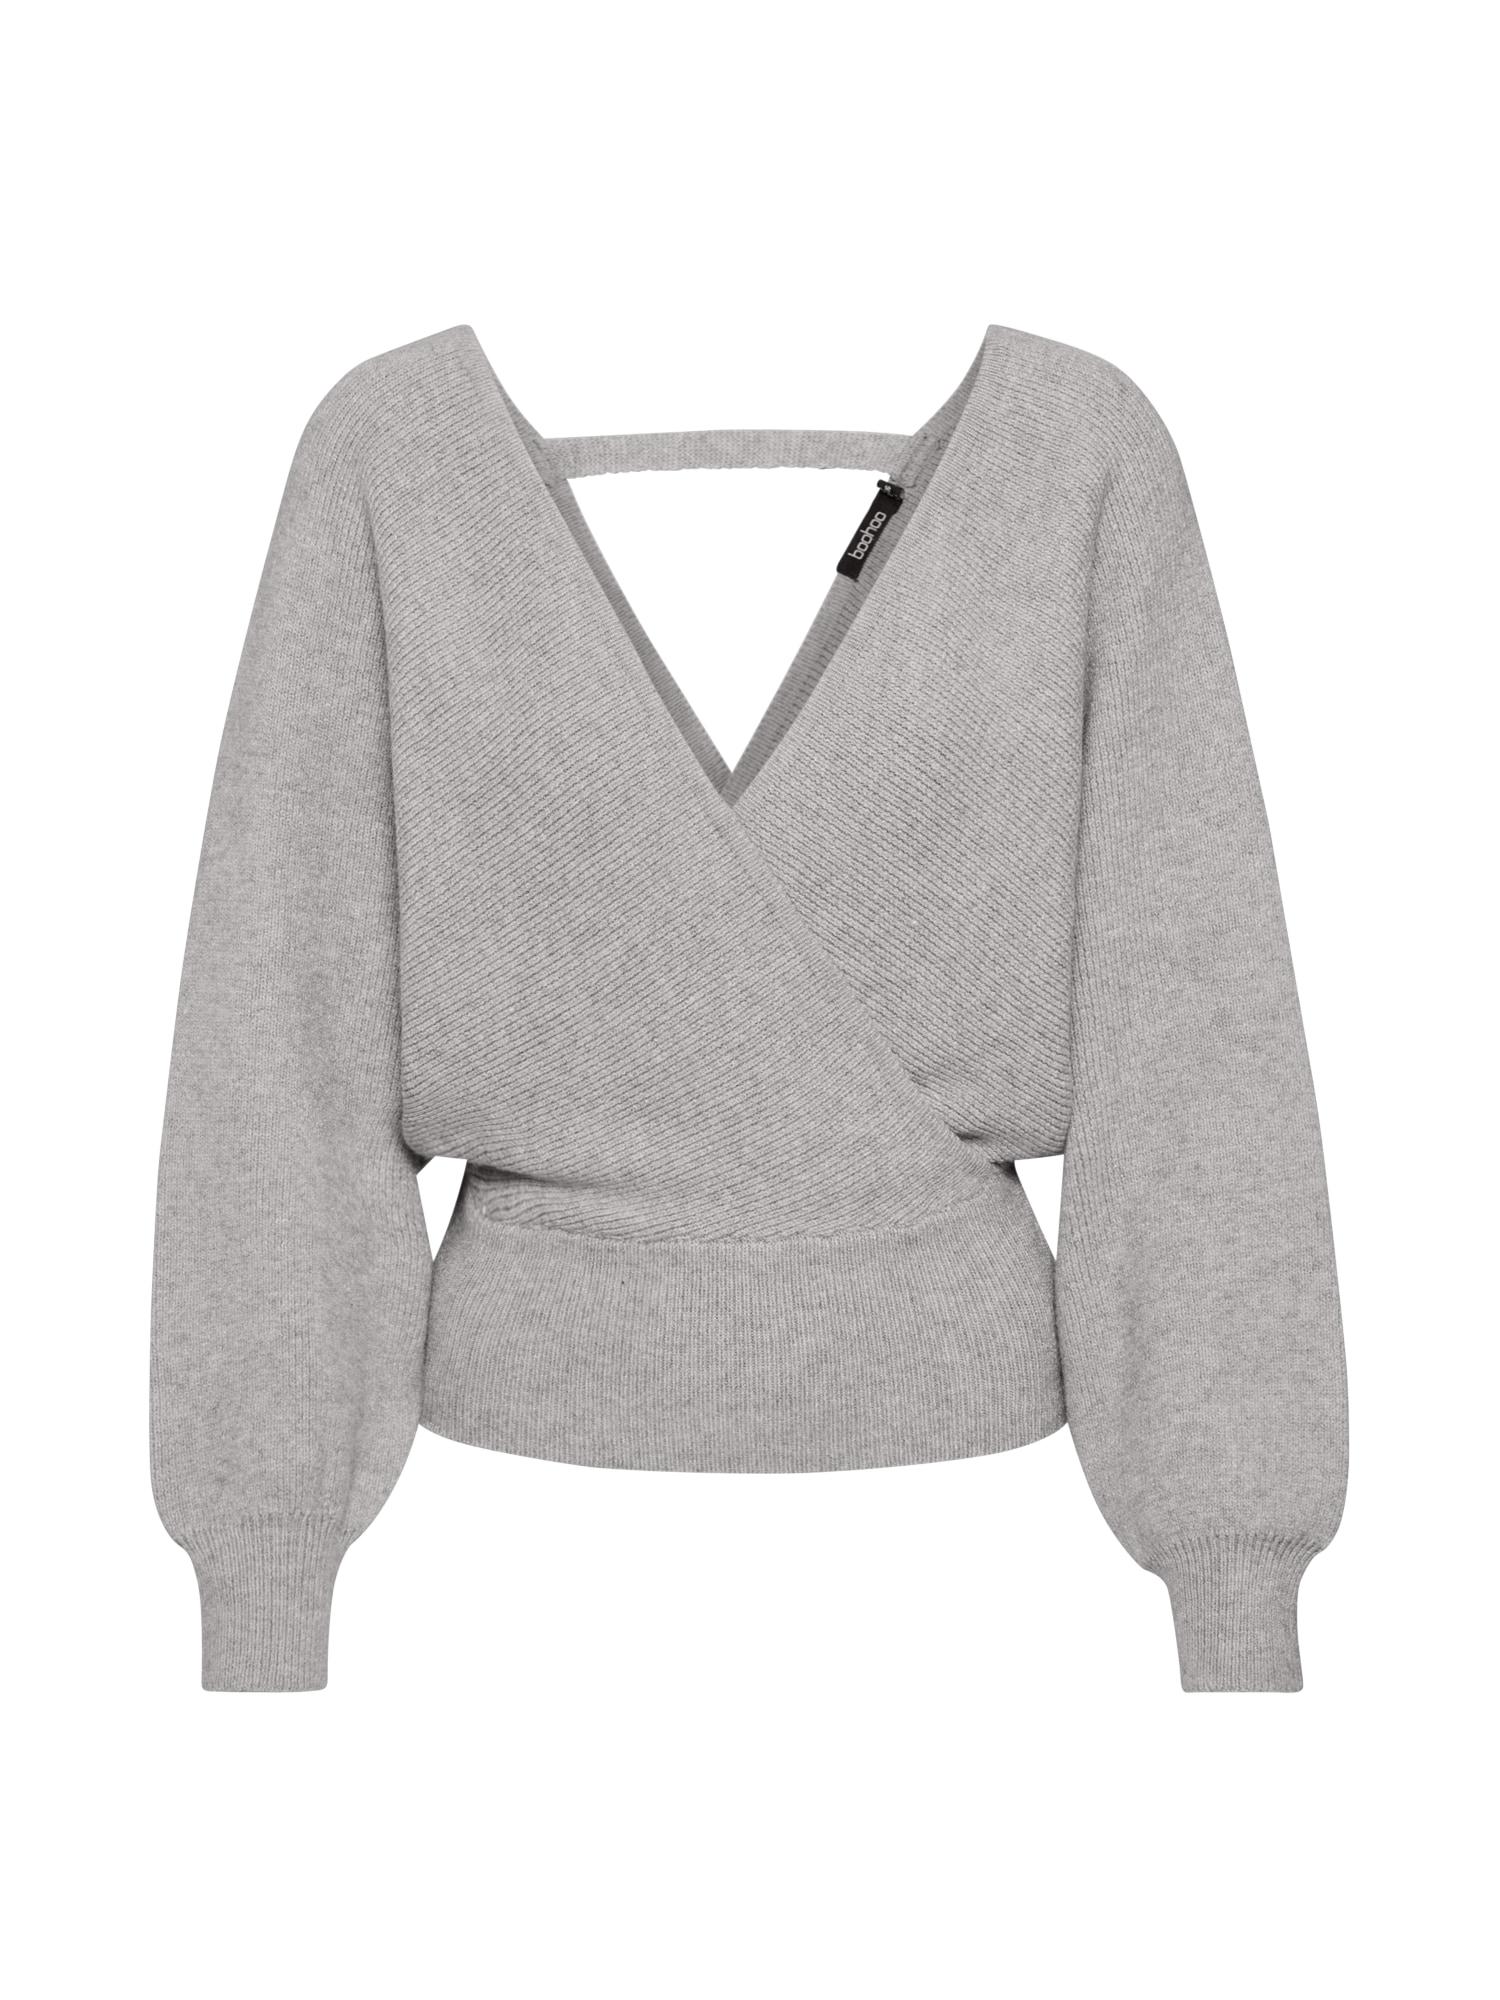 Boohoo Megztinis 'Wrap' šviesiai pilka